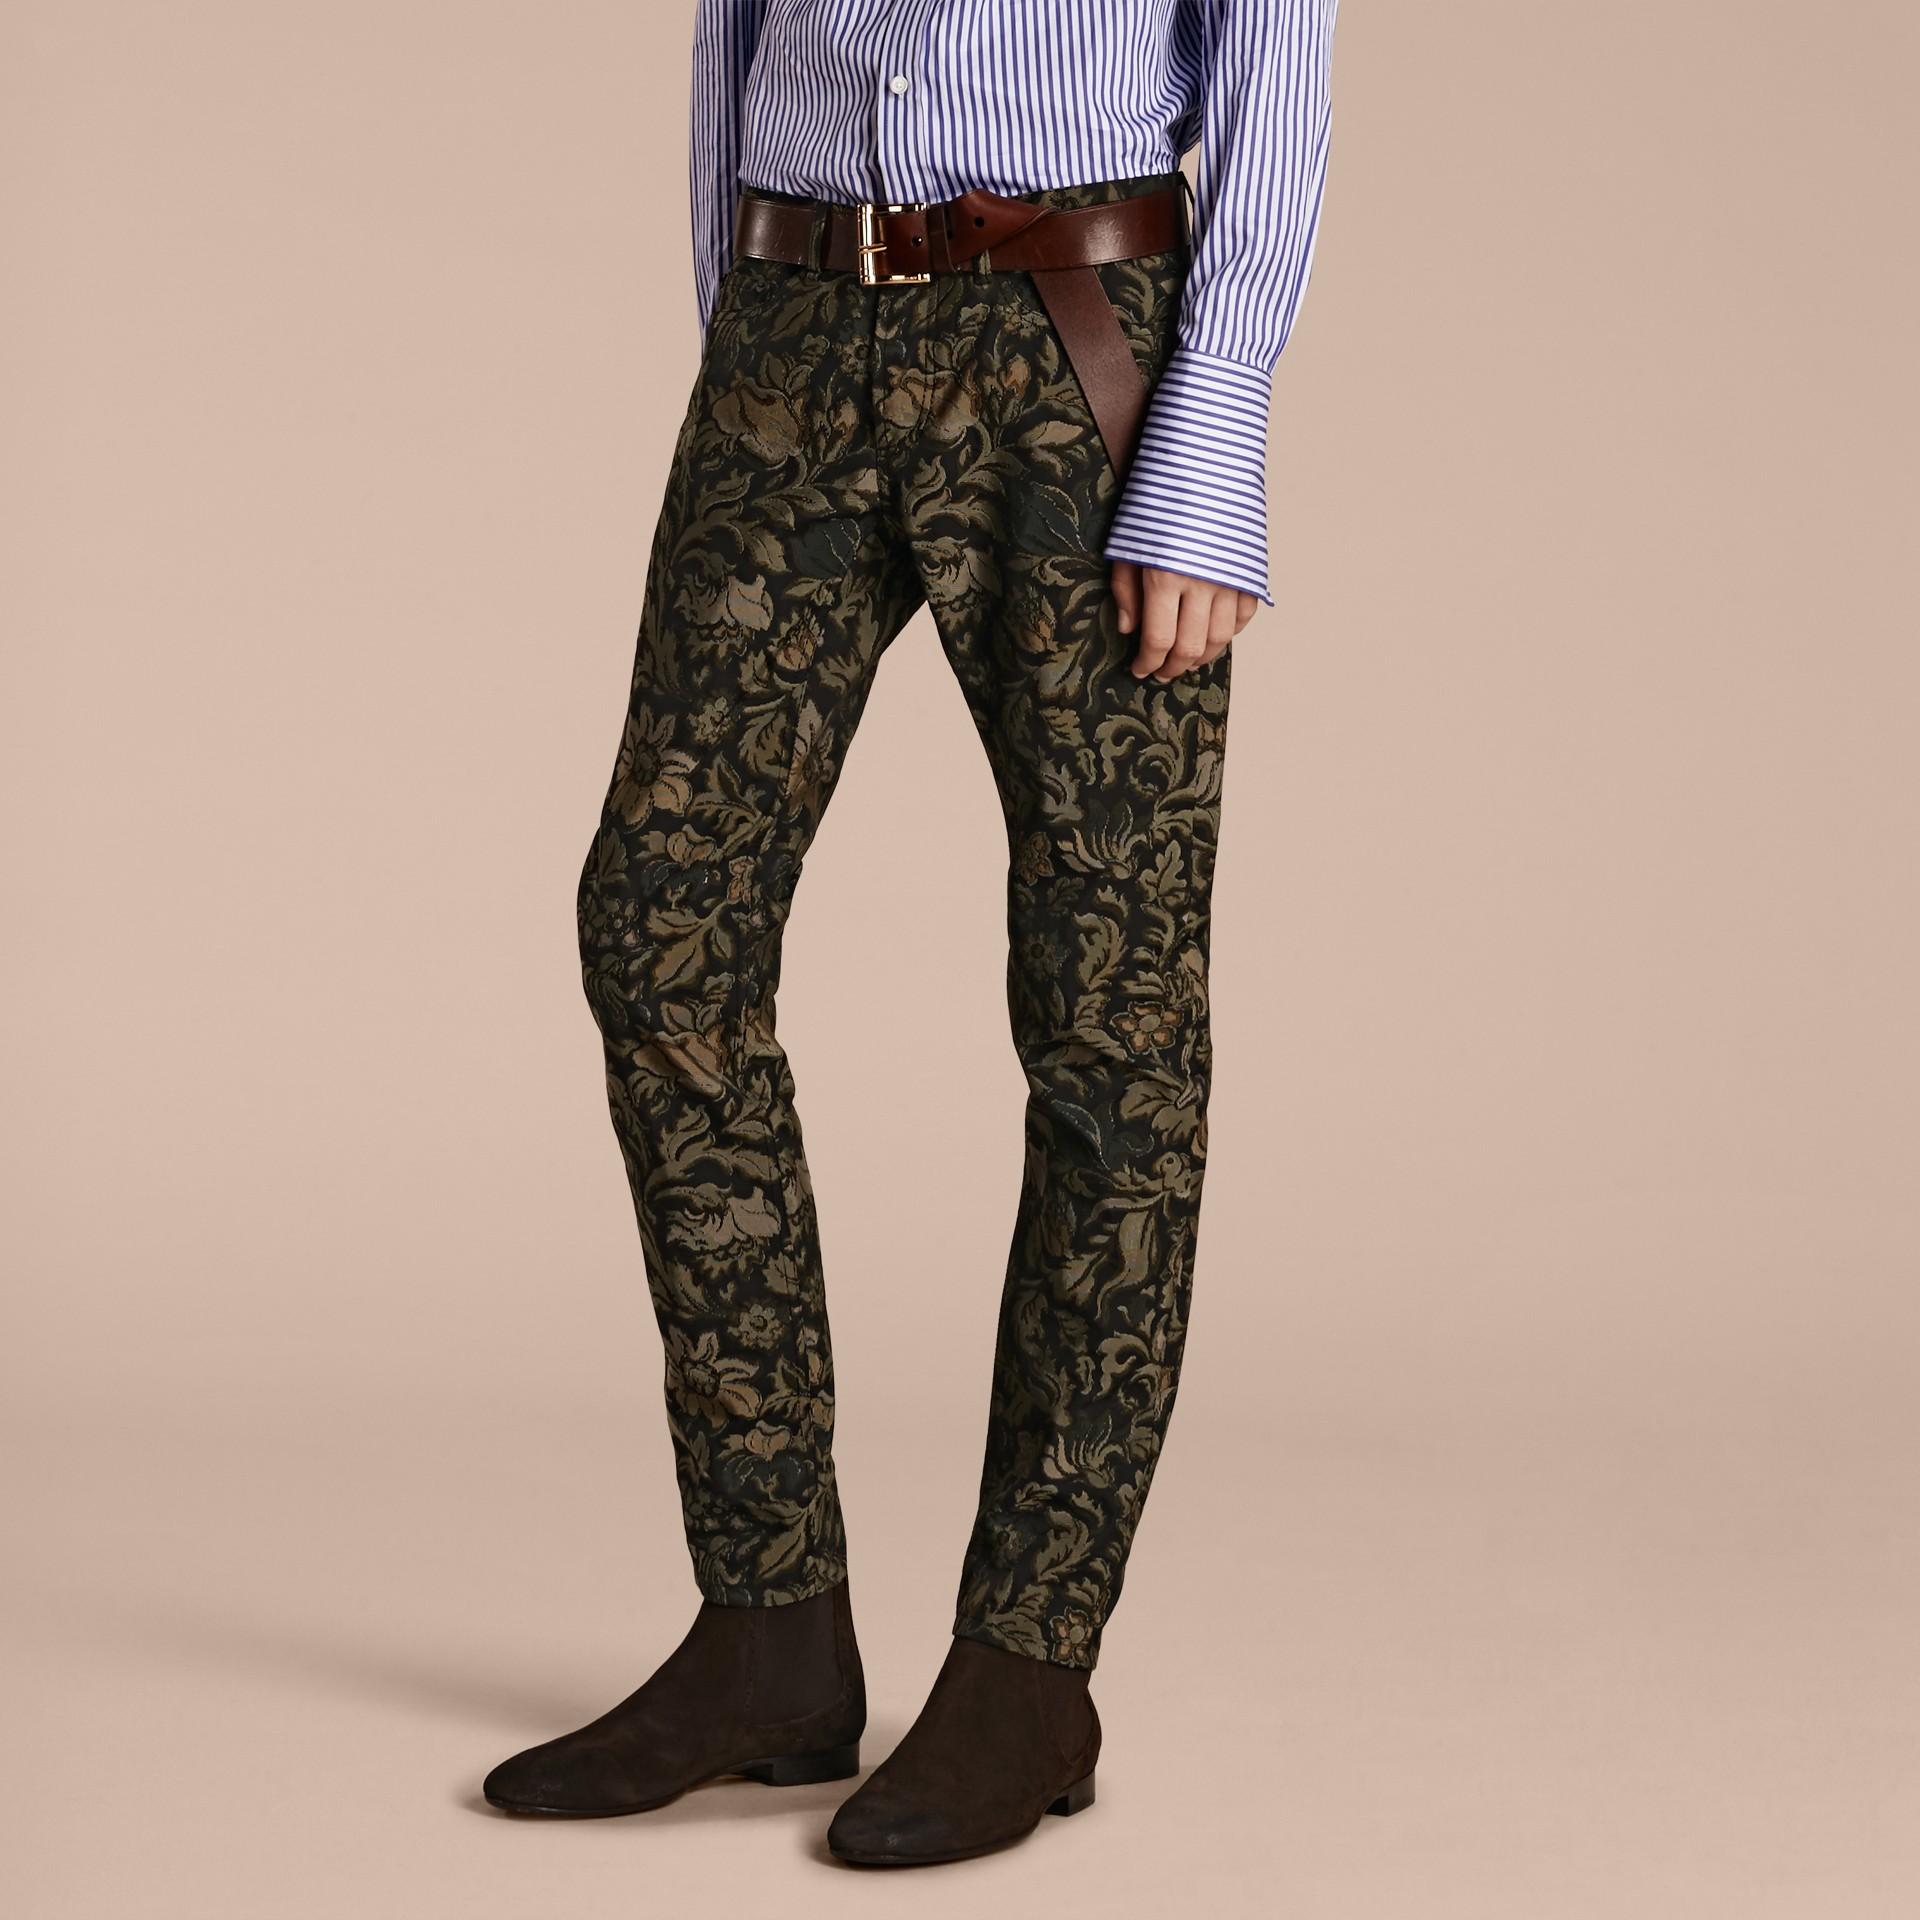 Шалфей Узкие джинсы с цветочным узором Шалфей - изображение 1